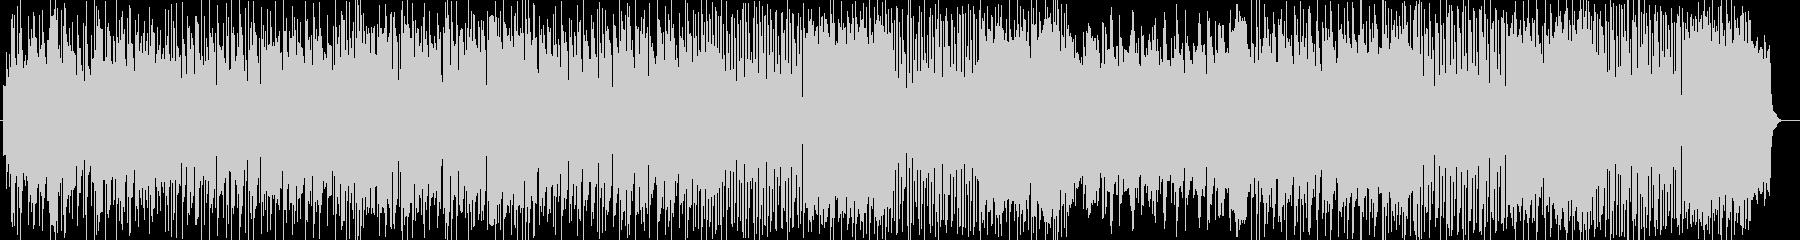 ほのぼの系シンセサイザーサウンドの未再生の波形